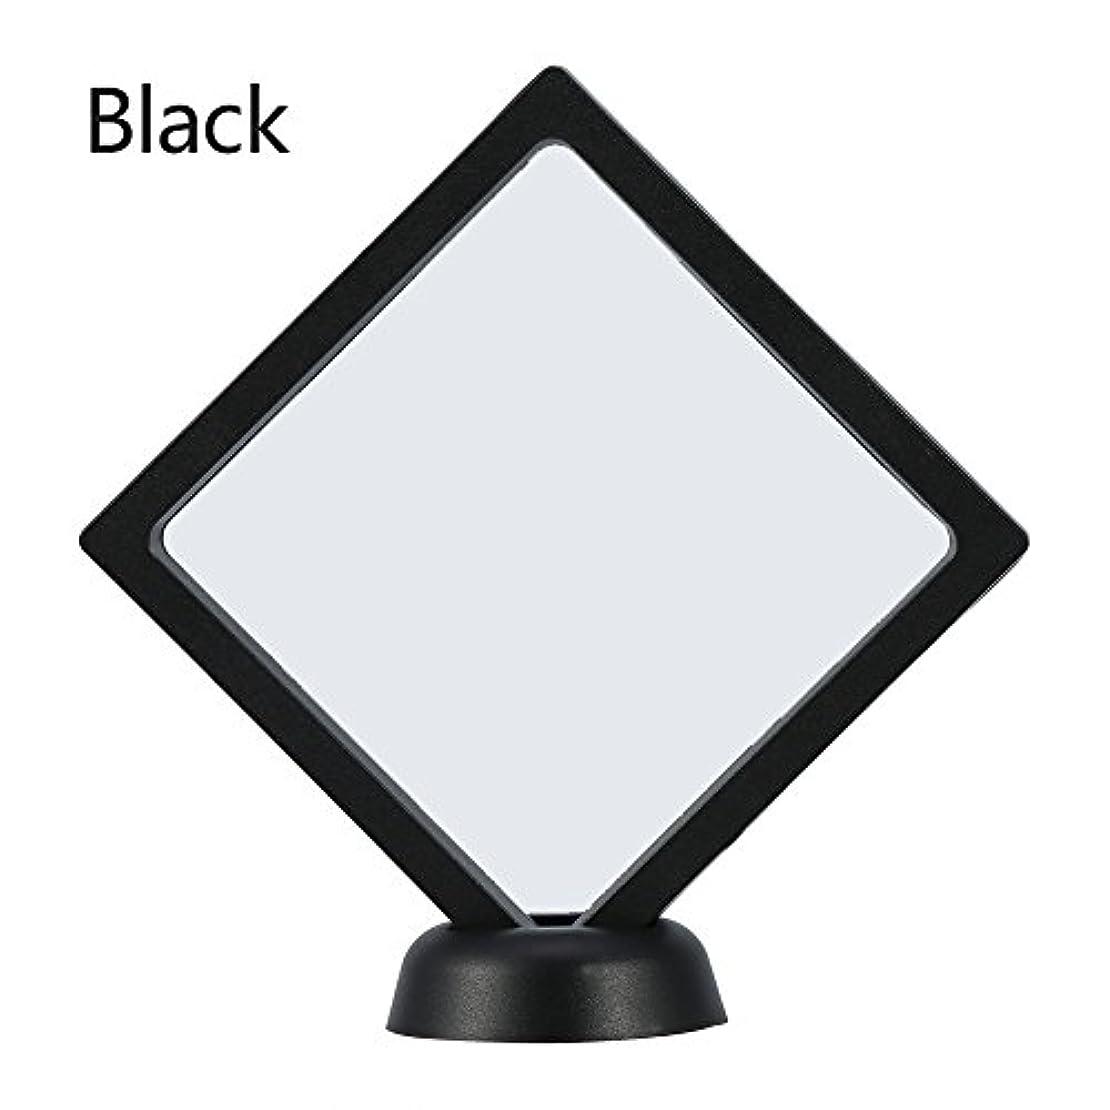 メッセンジャー二十純粋にアクリルネイルプレートとPETフィルムディスプレイスクリーン付きの2つのダイヤモンドネイルディスプレイスタンド - 4.3 4.3インチネイルホルダーツール(Black)